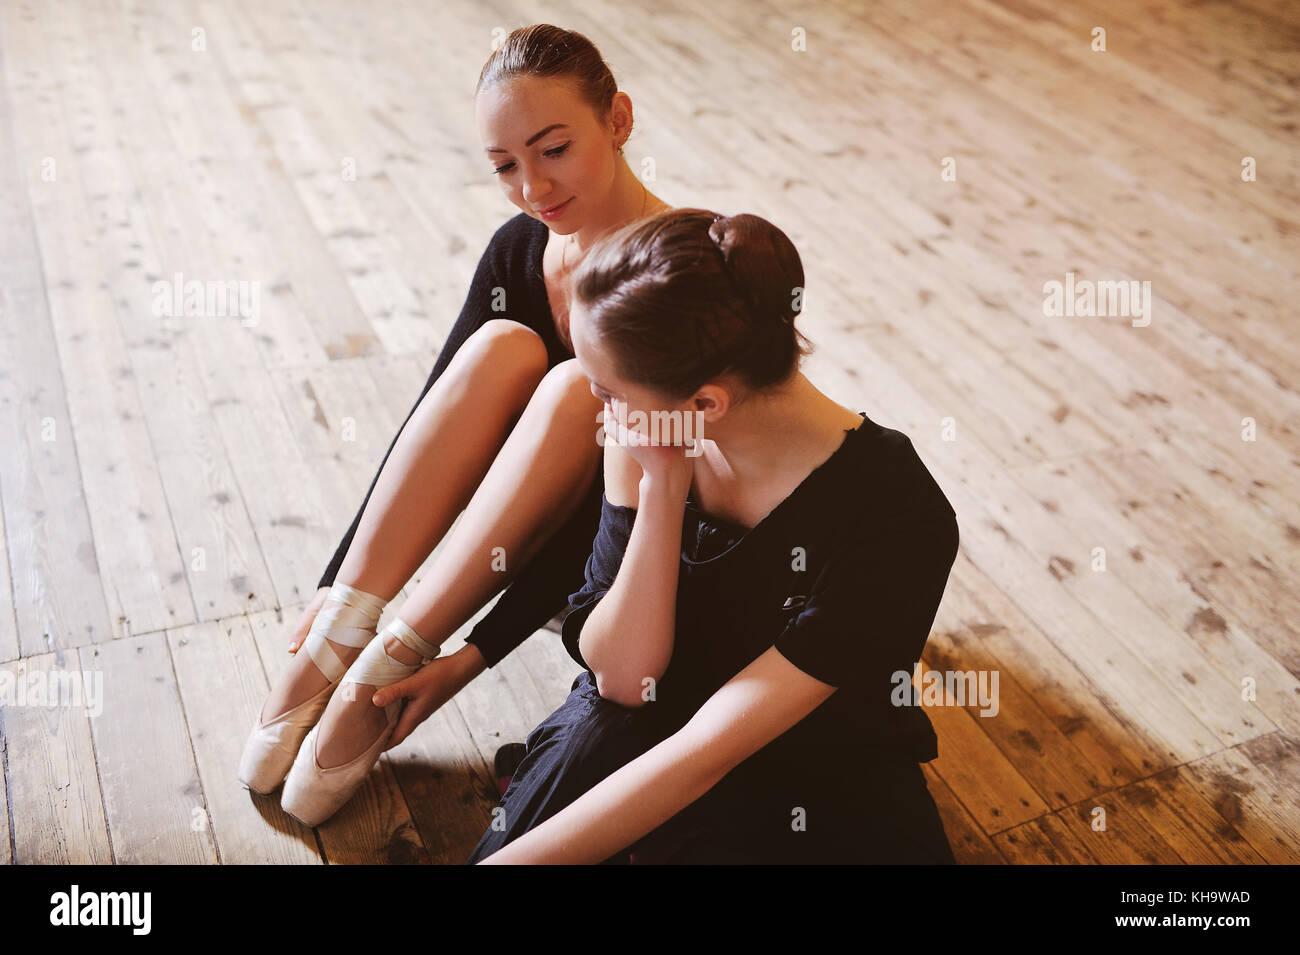 Deux ballerines talking and smiling assis sur un sol en bois Banque D'Images